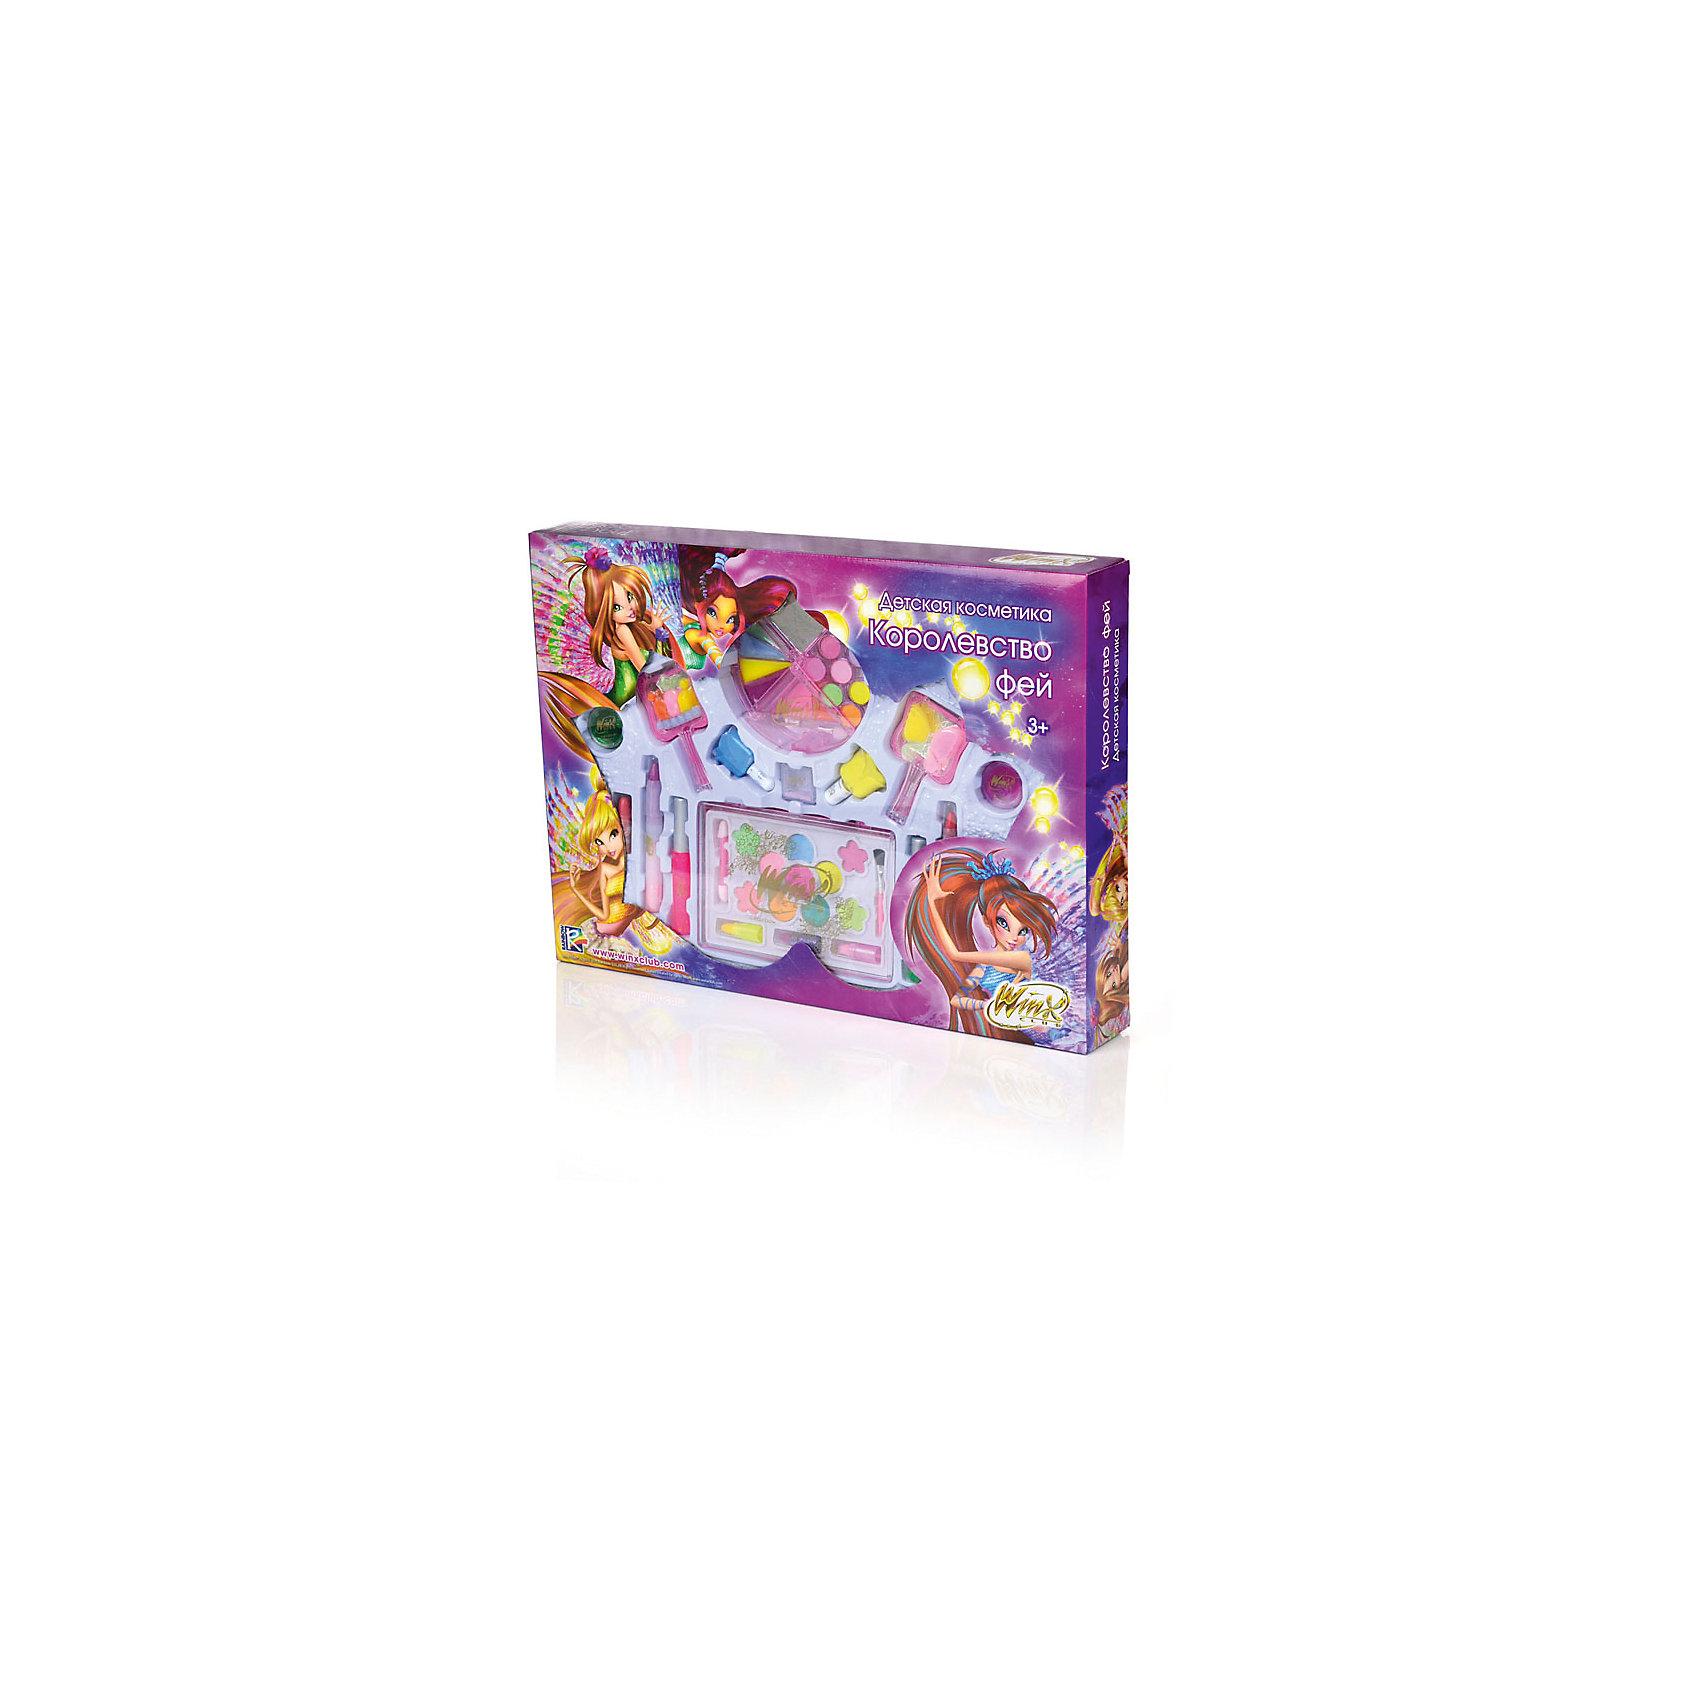 Набор детской косметики Королевство фей, Winx ClubНабор детской косметики Королевство фей, Winx Club<br><br>Характеристики:<br><br>• яркие цвета<br>• удобная упаковка<br>• хорошо наносится<br>• легко смывается<br>• безопасна для детской кожи<br>• в комплекте: тени для век, помада (3 шт.), карандаш для губ ( 2 шт.), блеск для губ, лак для ногтей (2 шт.)<br>• размер упаковки: 6х32,5х43,2см<br>• вес: 583 грамма<br><br>Королевство фей - набор детской косметики от фей Винкс. В комплект входят тени для век, помада, блеск для губ, лак для ногтей, карандаши для губ. С их помощью девочка придумает и воплотит в жизнь самые смелые и оригинальные образы. Косметика полностью безопасна для чувствительной детской кожи. Она хорошо наносится и быстро стирается ватным диском, смоченным в воде. Этот набор станет замечательным подарком для юной поклонницы Winx Club!<br><br>Набор детской косметики Королевство фей, Winx Club вы можете купить в нашем интернет-магазине.<br><br>Ширина мм: 432<br>Глубина мм: 325<br>Высота мм: 60<br>Вес г: 583<br>Возраст от месяцев: 36<br>Возраст до месяцев: 72<br>Пол: Женский<br>Возраст: Детский<br>SKU: 5379338